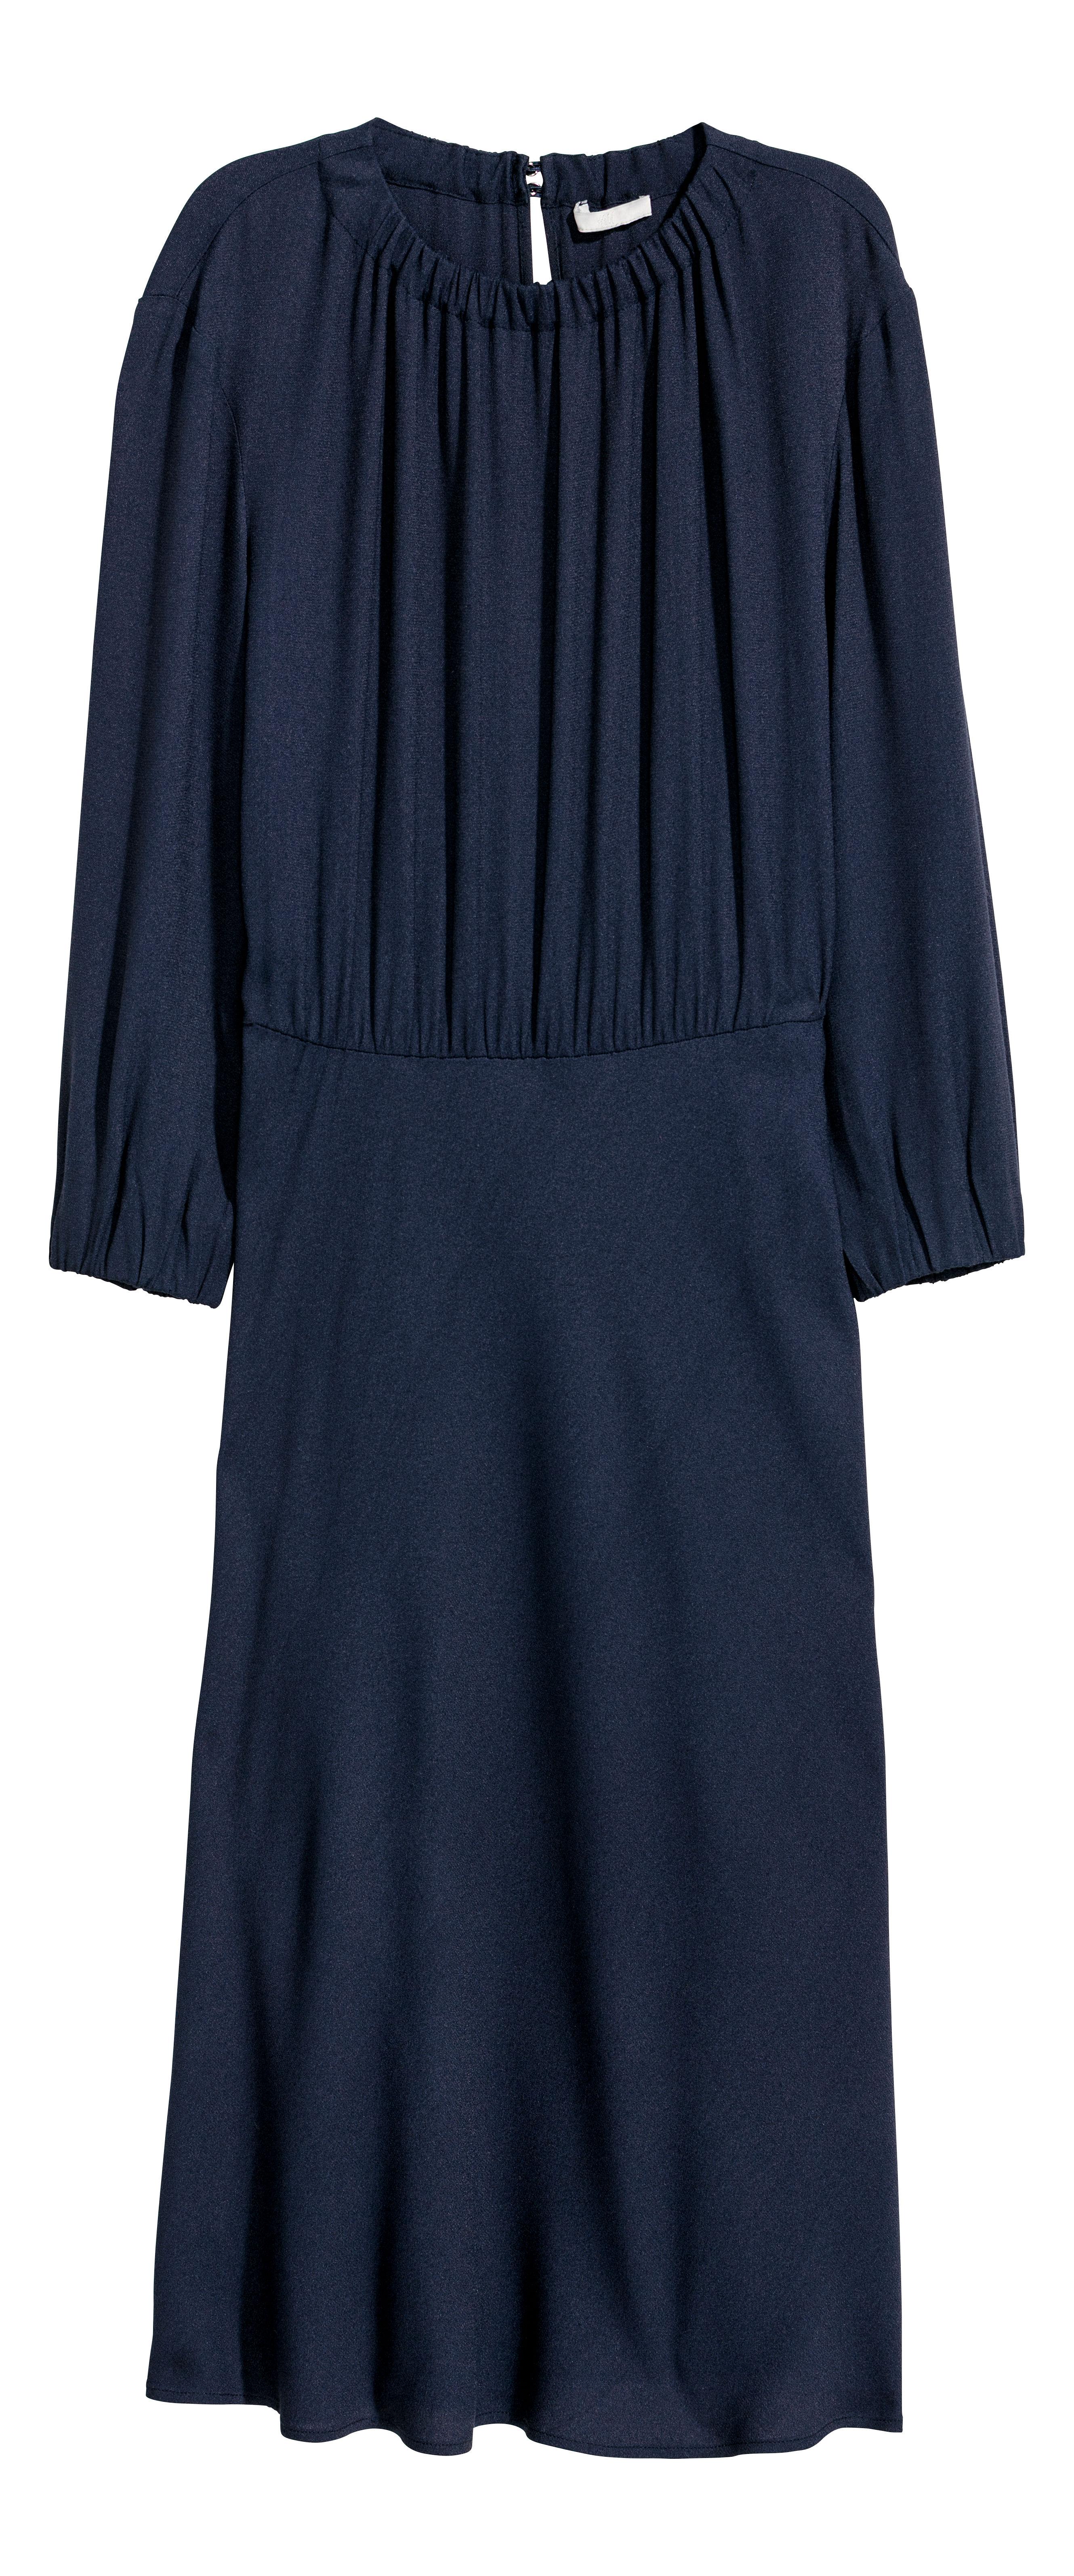 7a9b632e36d8 H&M Kläder & Skor   Shoppa Online   Afound